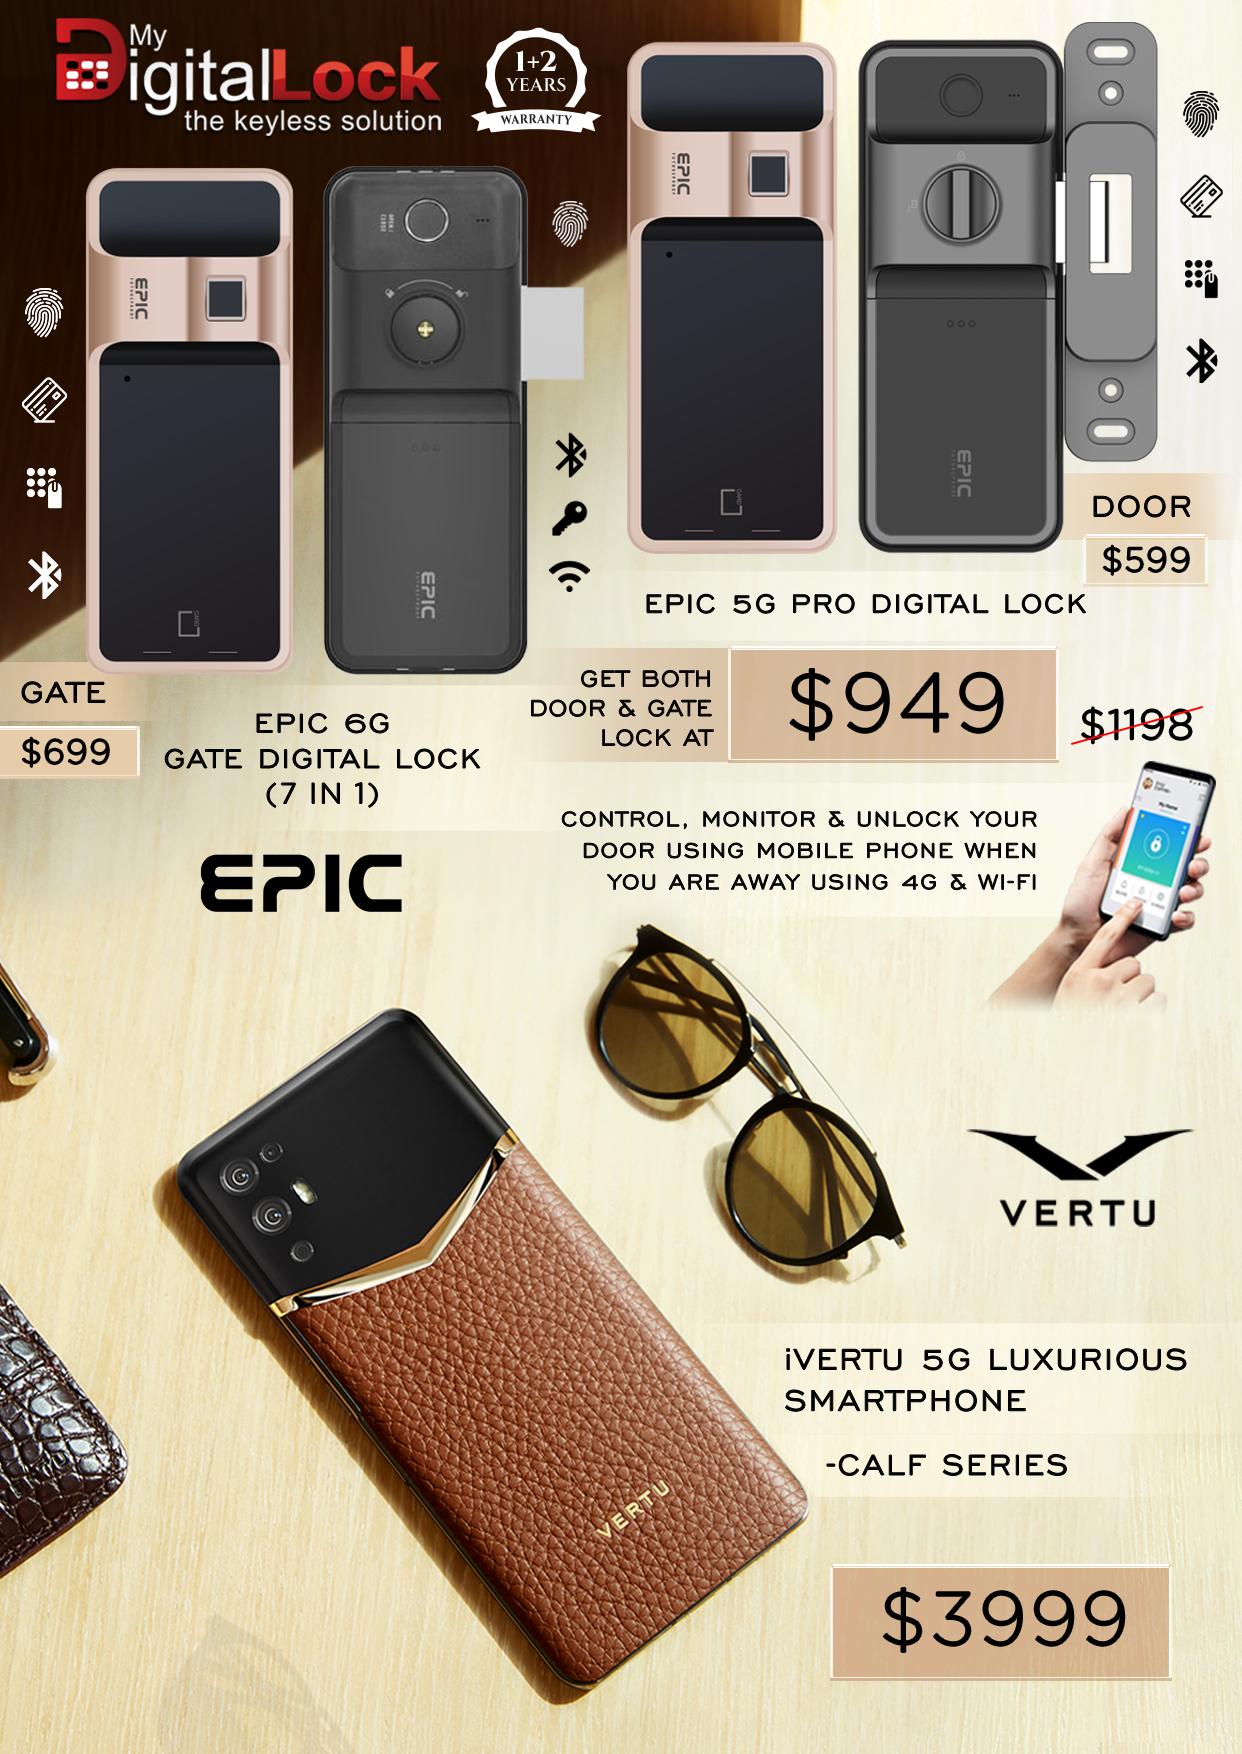 Epic-5g-Digital-Lock-iVertu-Smartphone-Promotion-2021